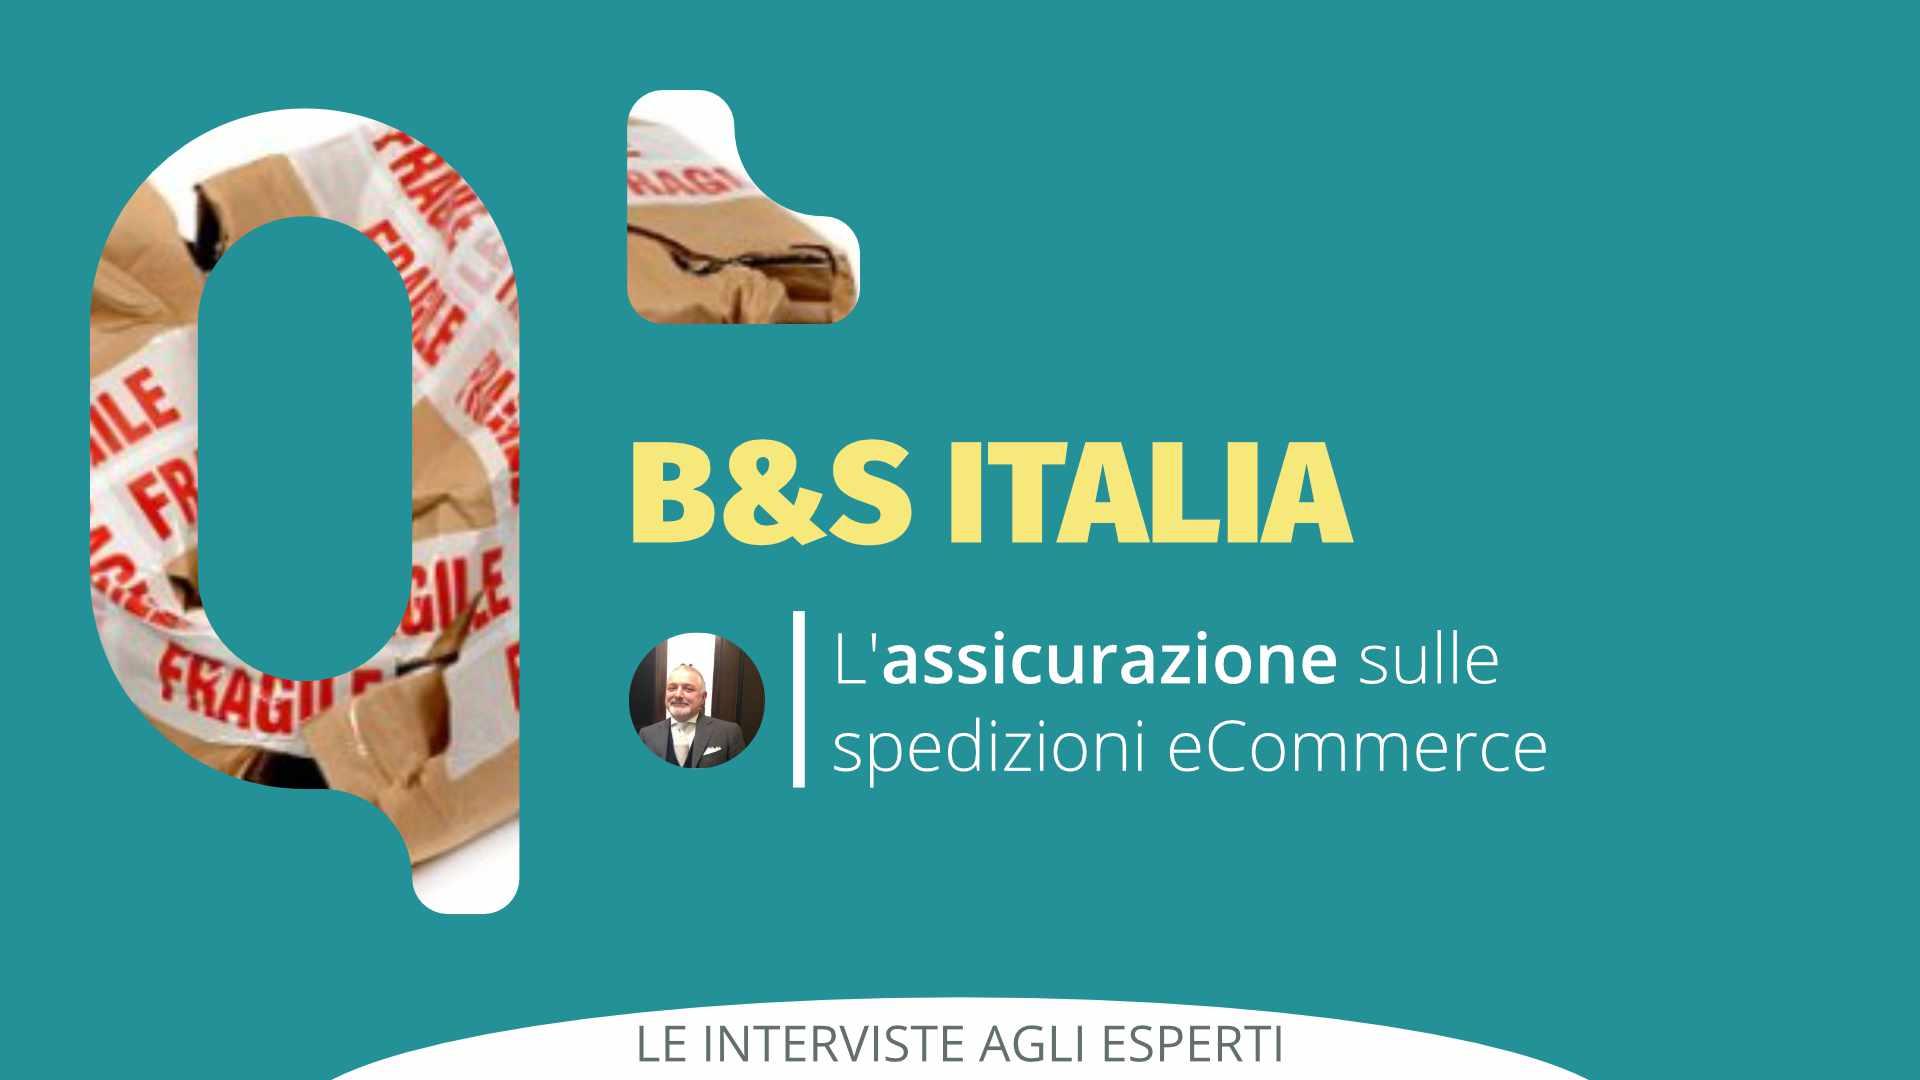 b&s Italia